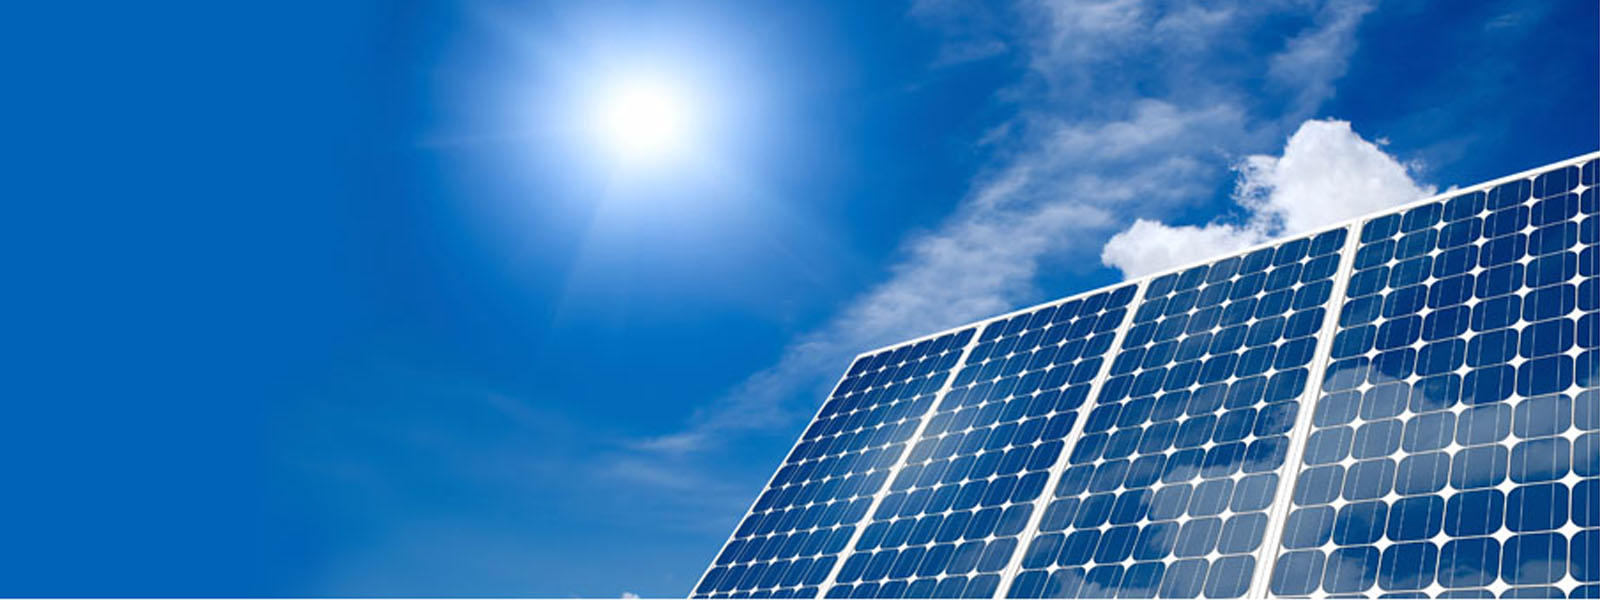 Como funciona una celula solar fotovoltaica 86